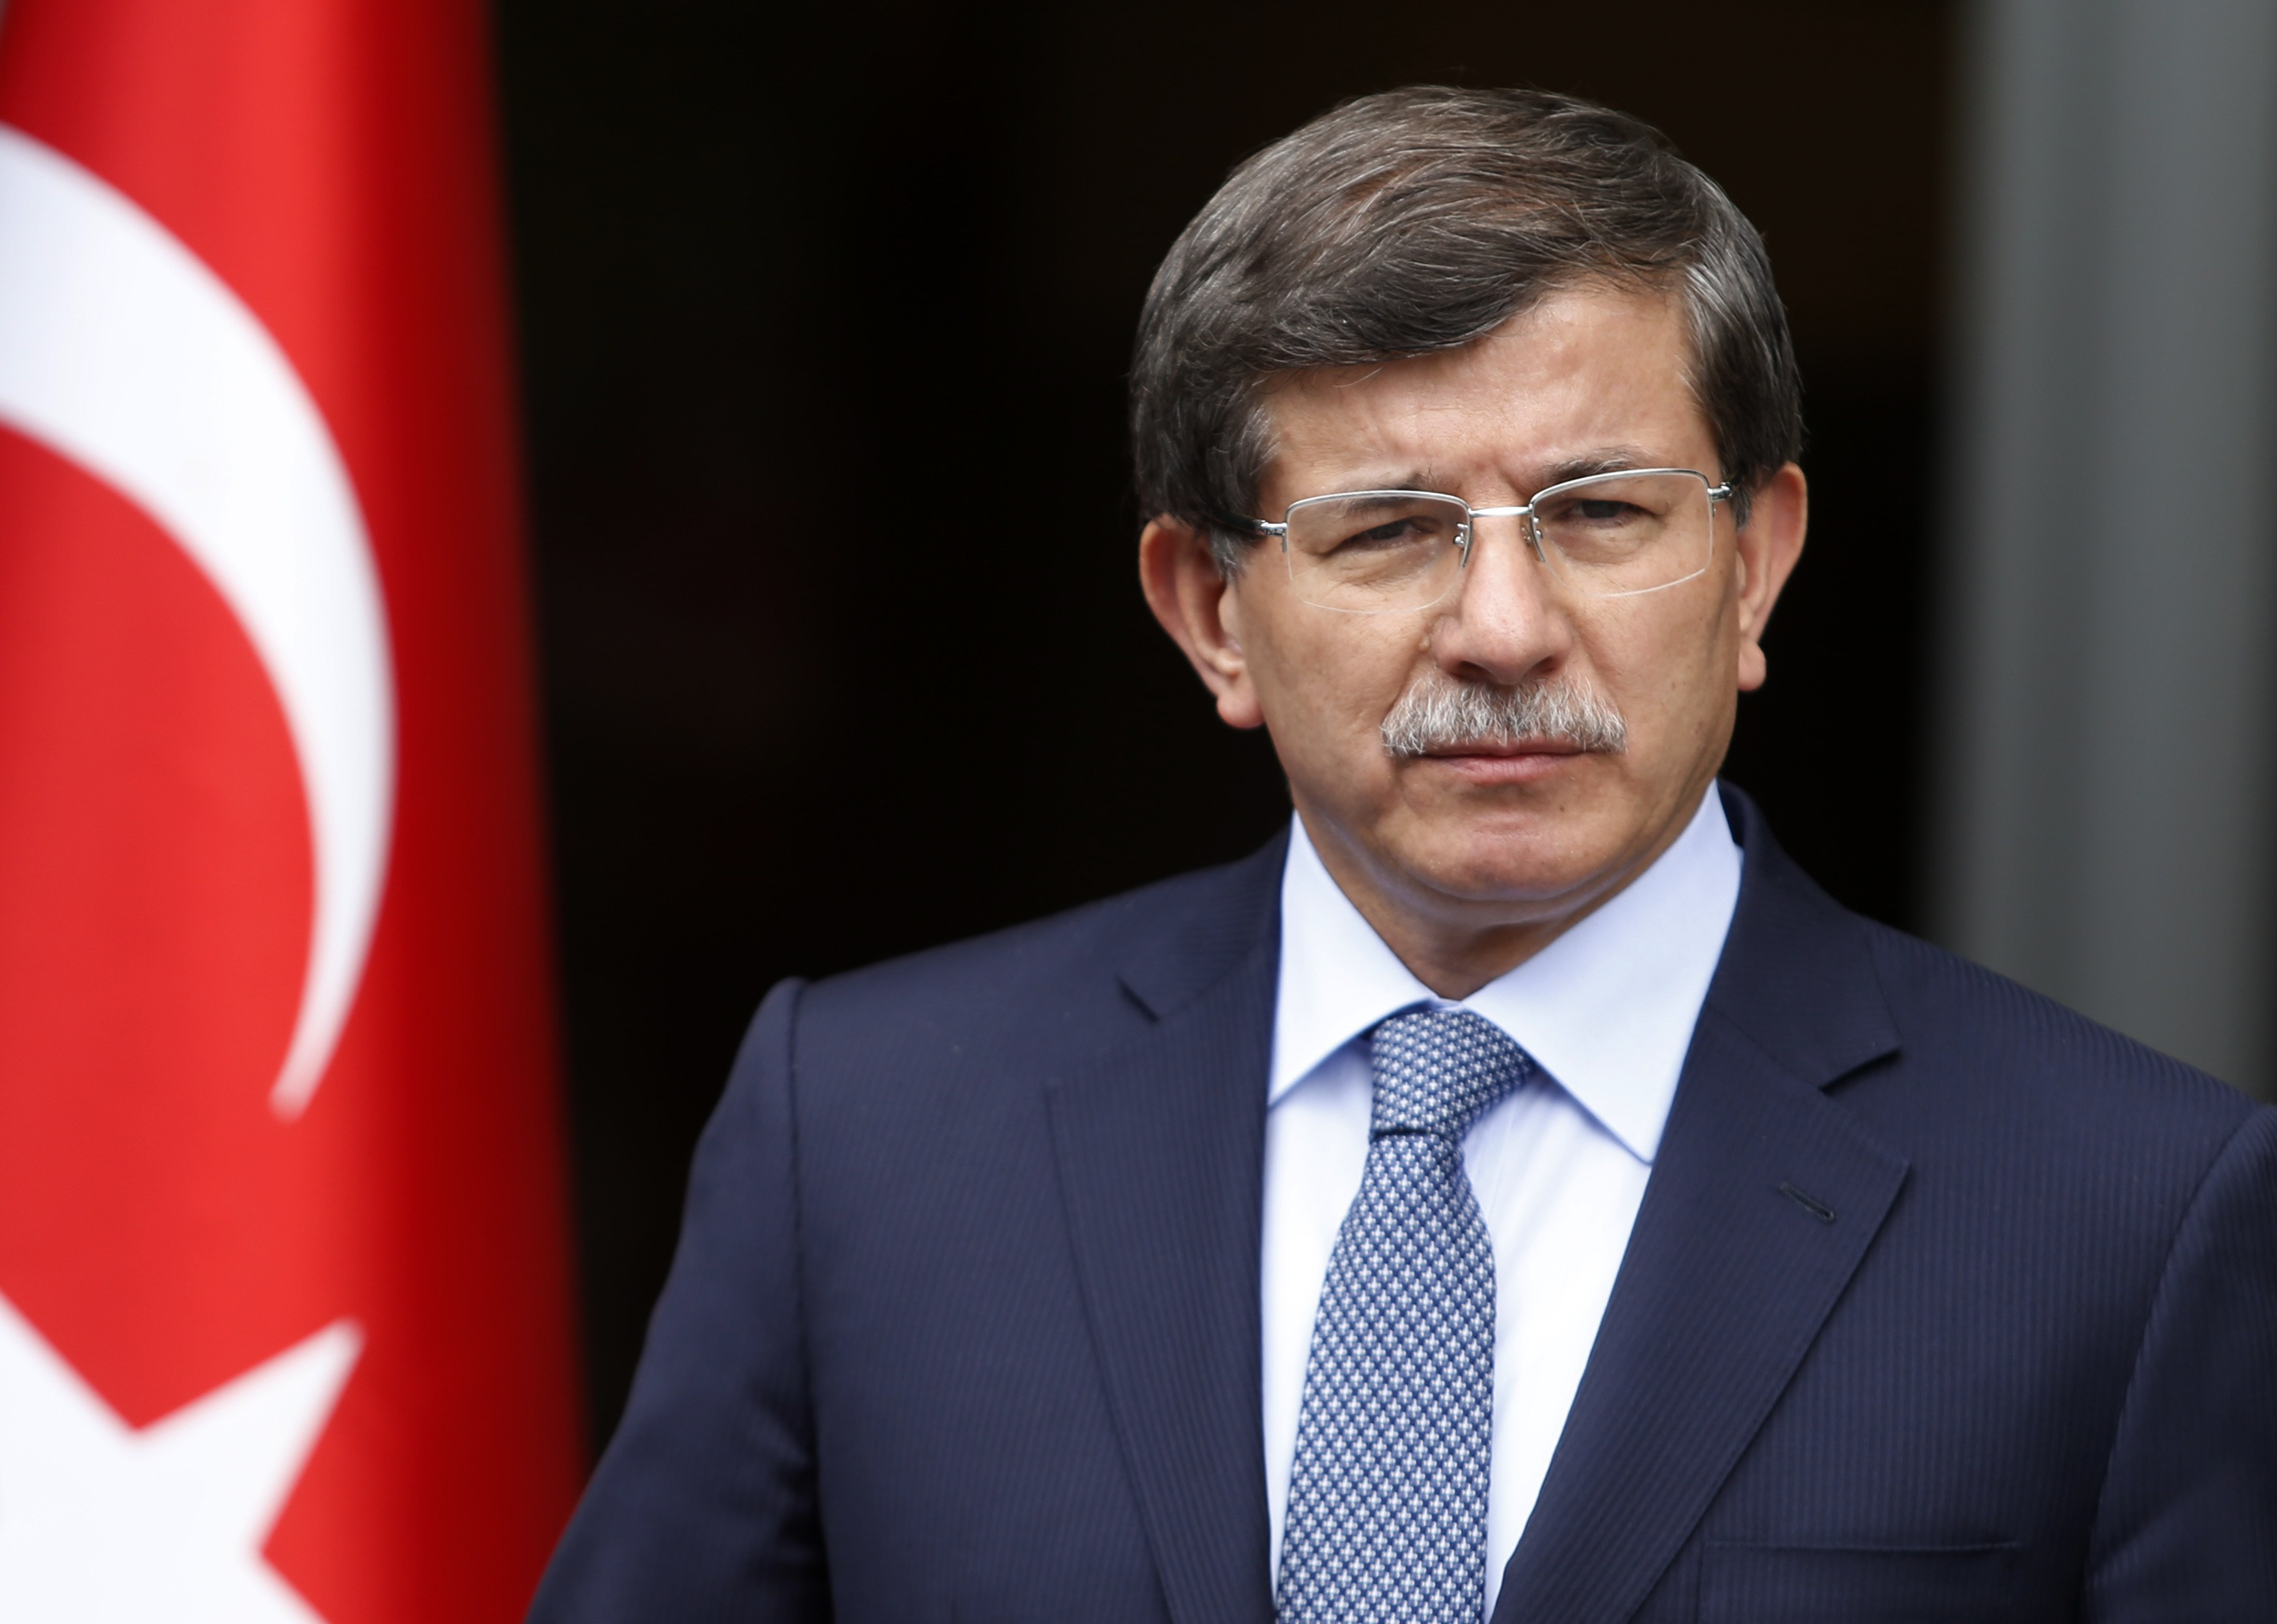 Davutoğlu'ndan 'ateşkes' açıklaması: Bizi bağlamaz